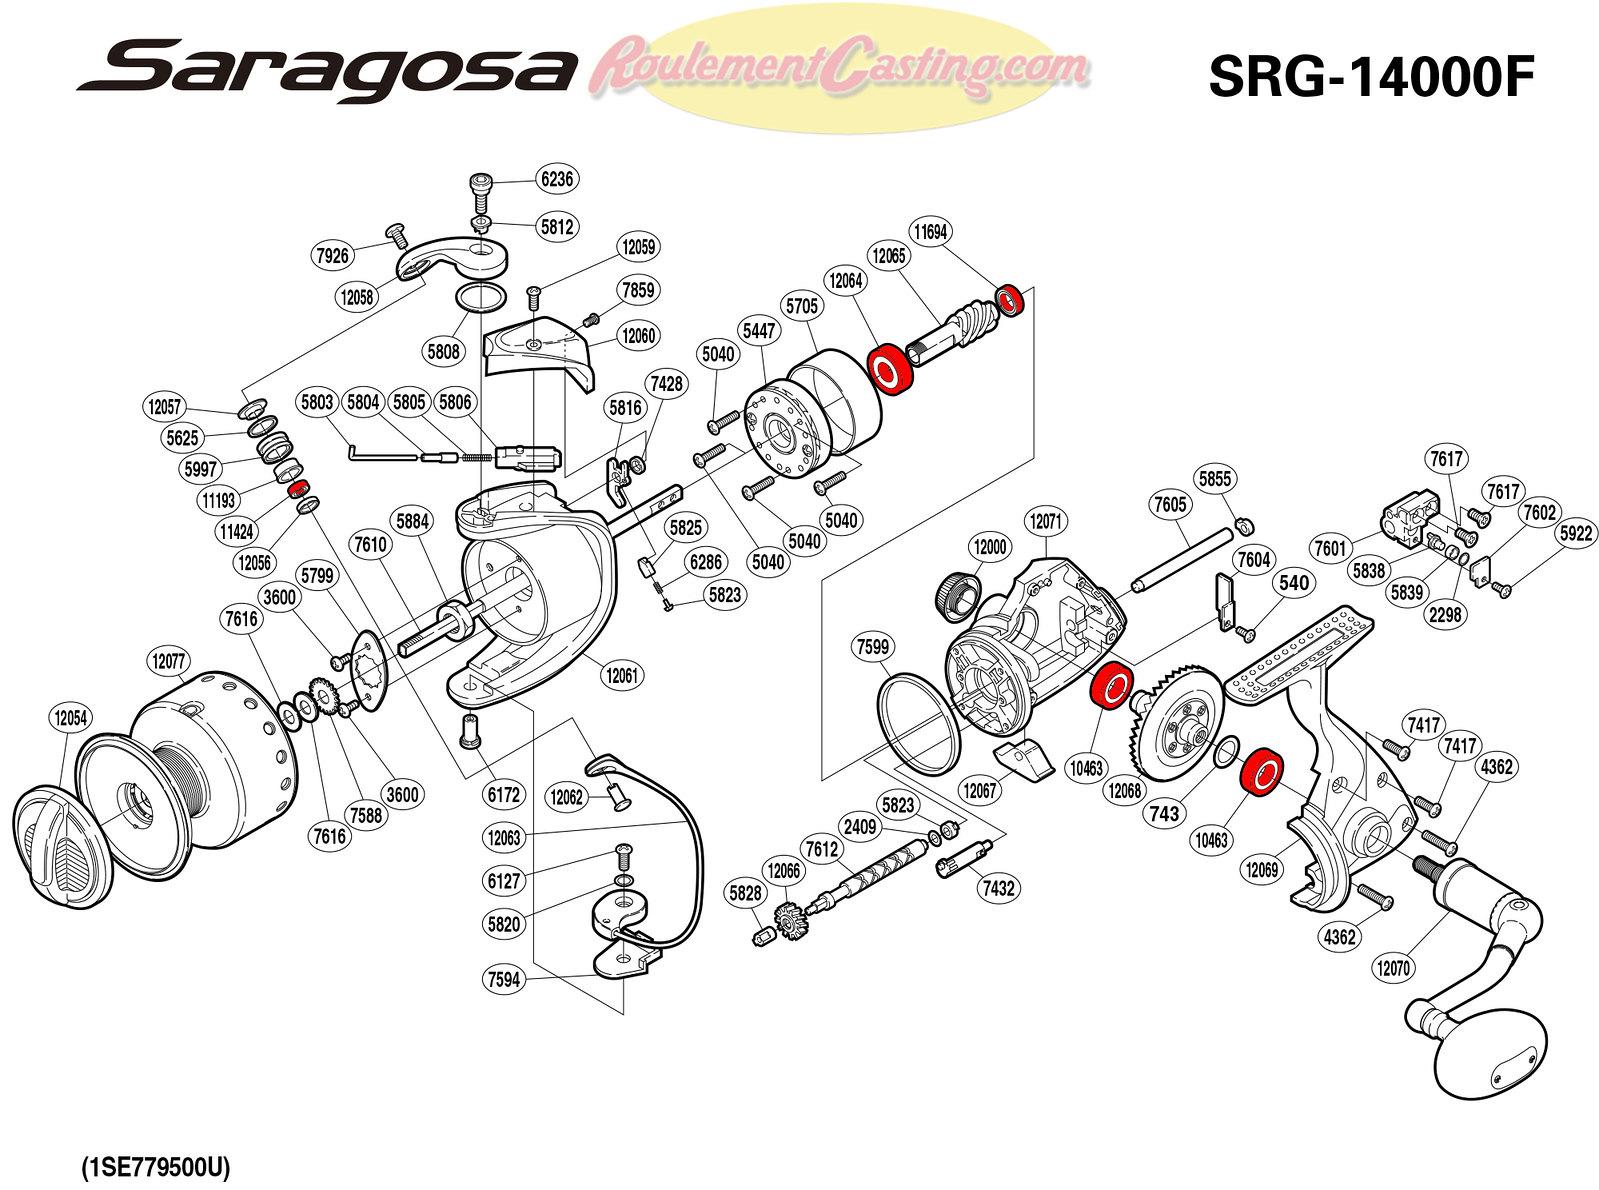 Schema-Shimano-SARAGOSA-14000F.